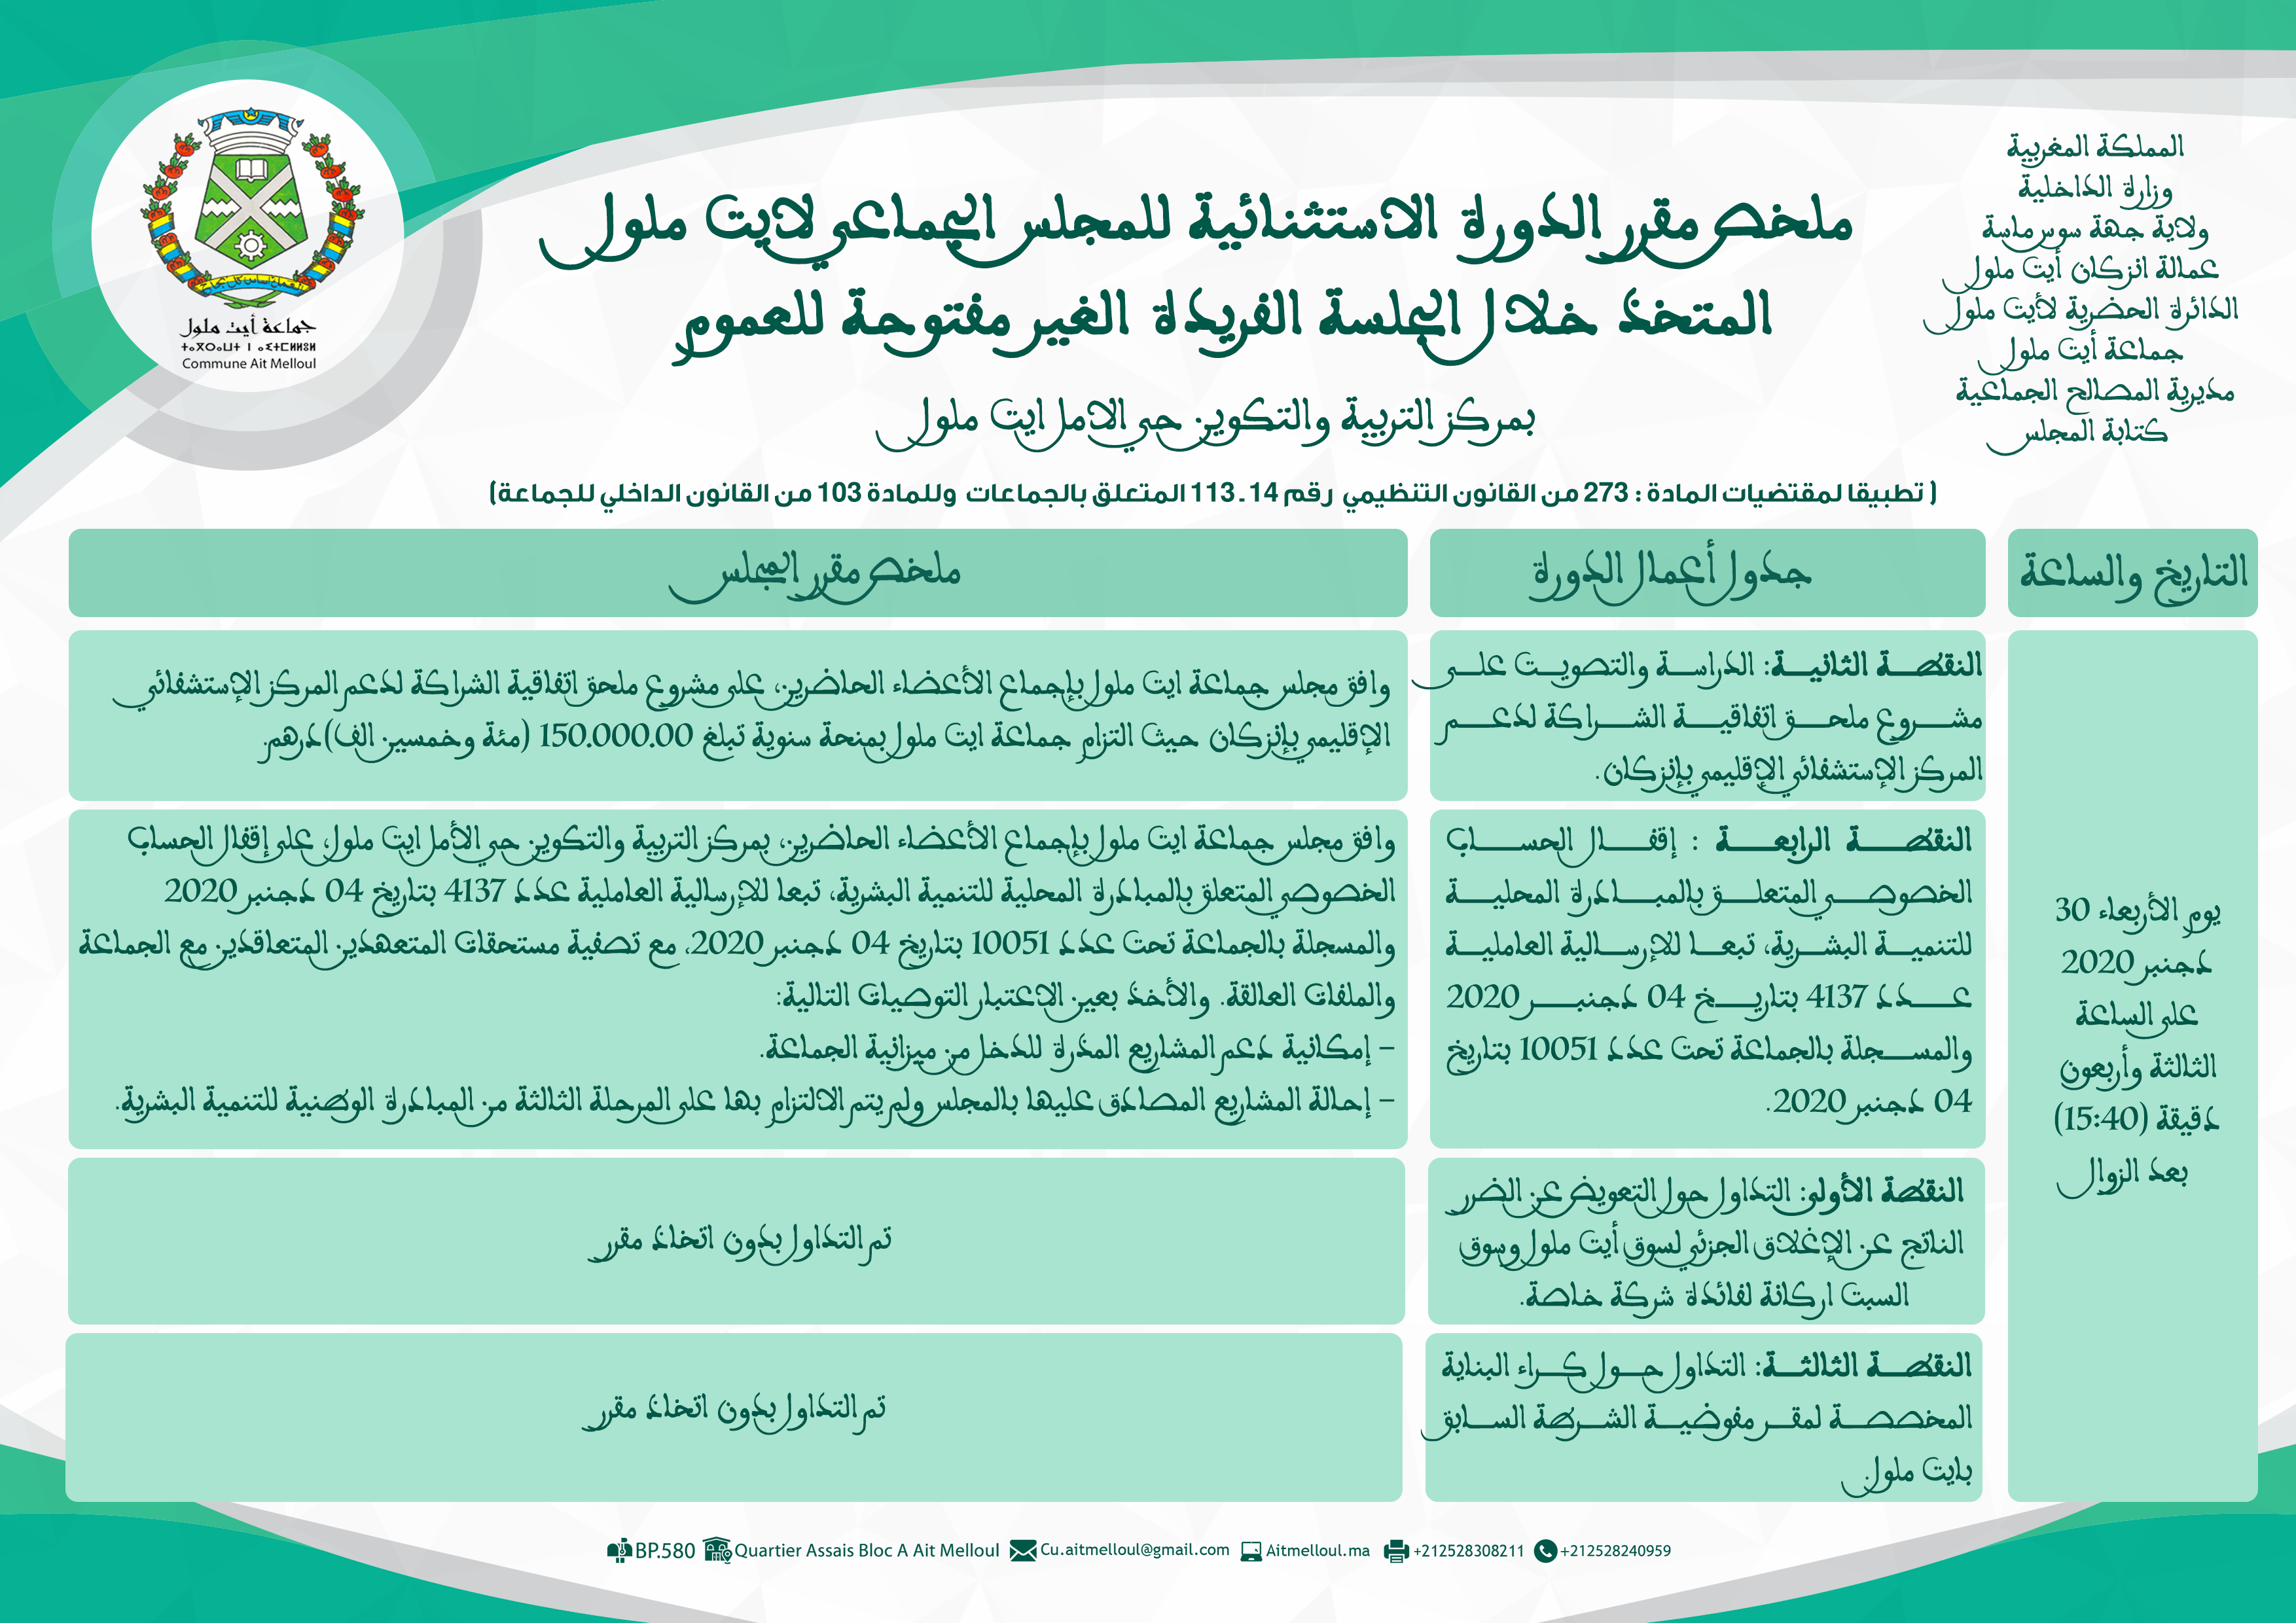 ملخص مقرر الدورة الإستثنائية للمجلس الجماعي لأيت ملول (الأربعاء 30 دجنبر 2020).